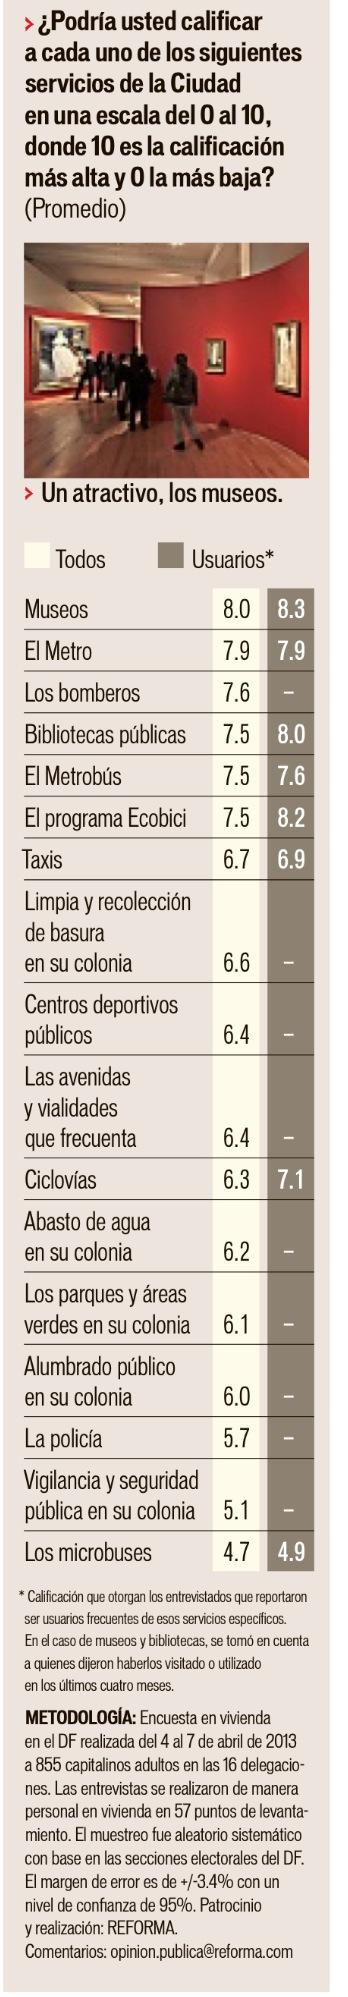 Encuesta de servicios Reforma